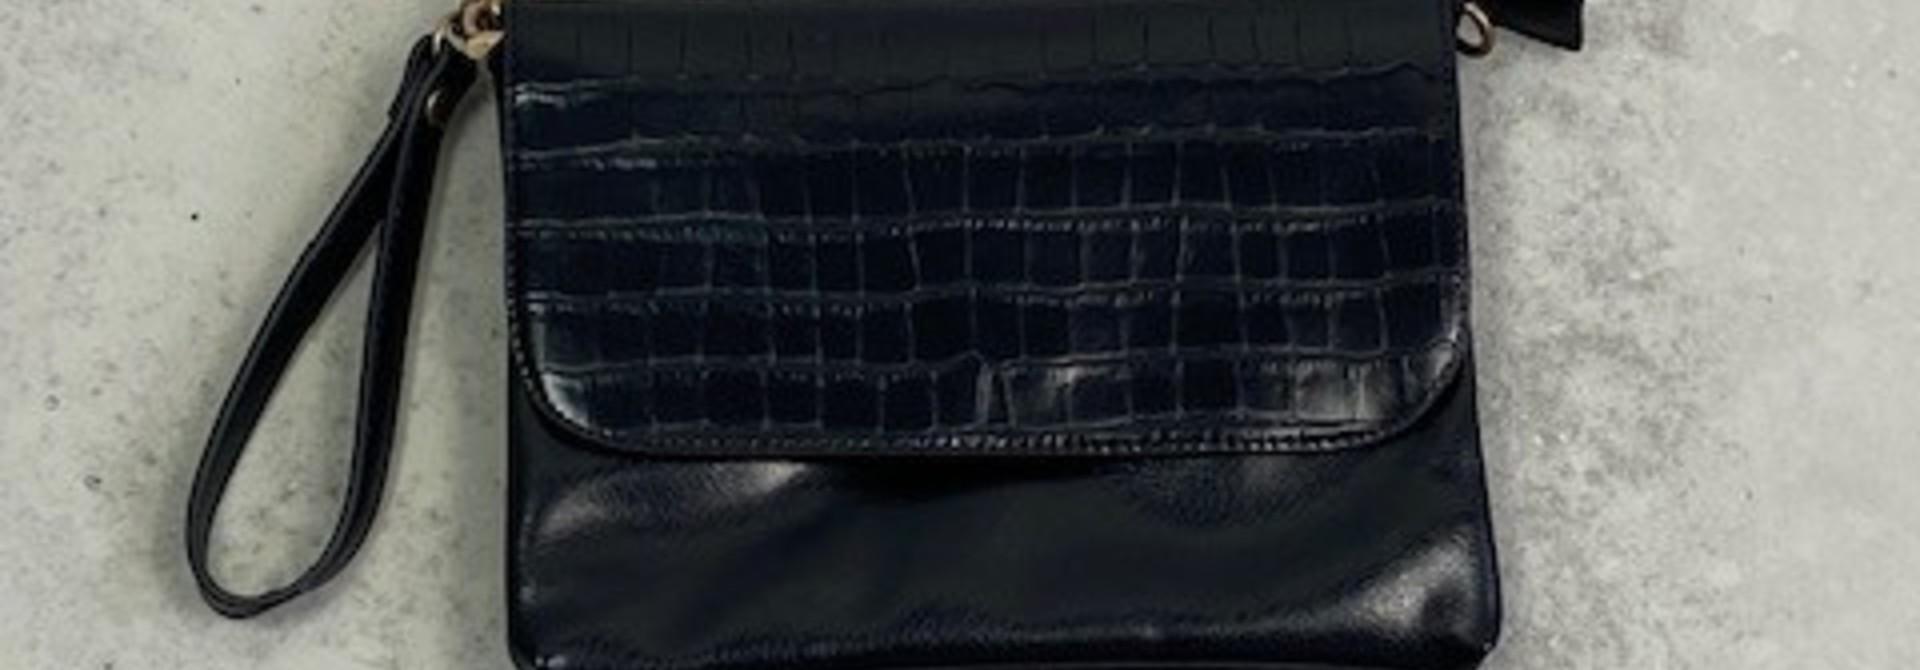 Munco croco bag Black